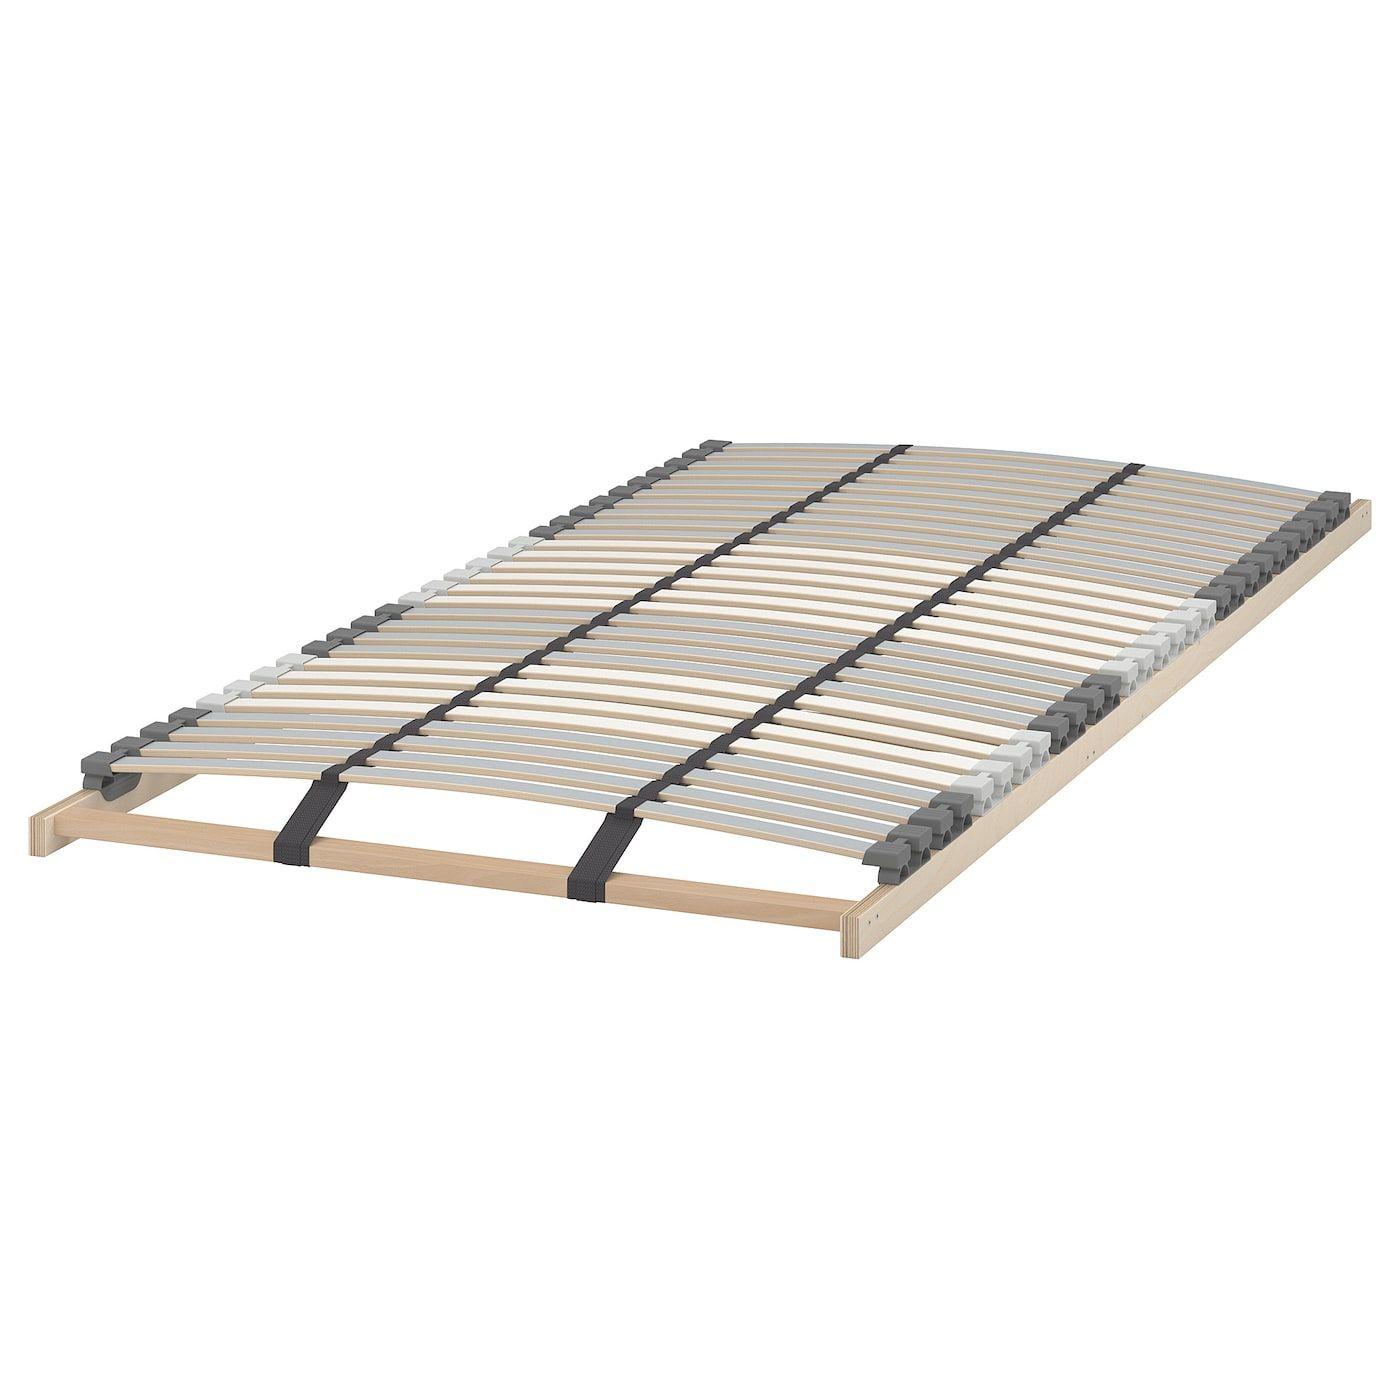 Lonset Slatted Bed Base Twin Bed Slats Bed Base Malm Bed Frame